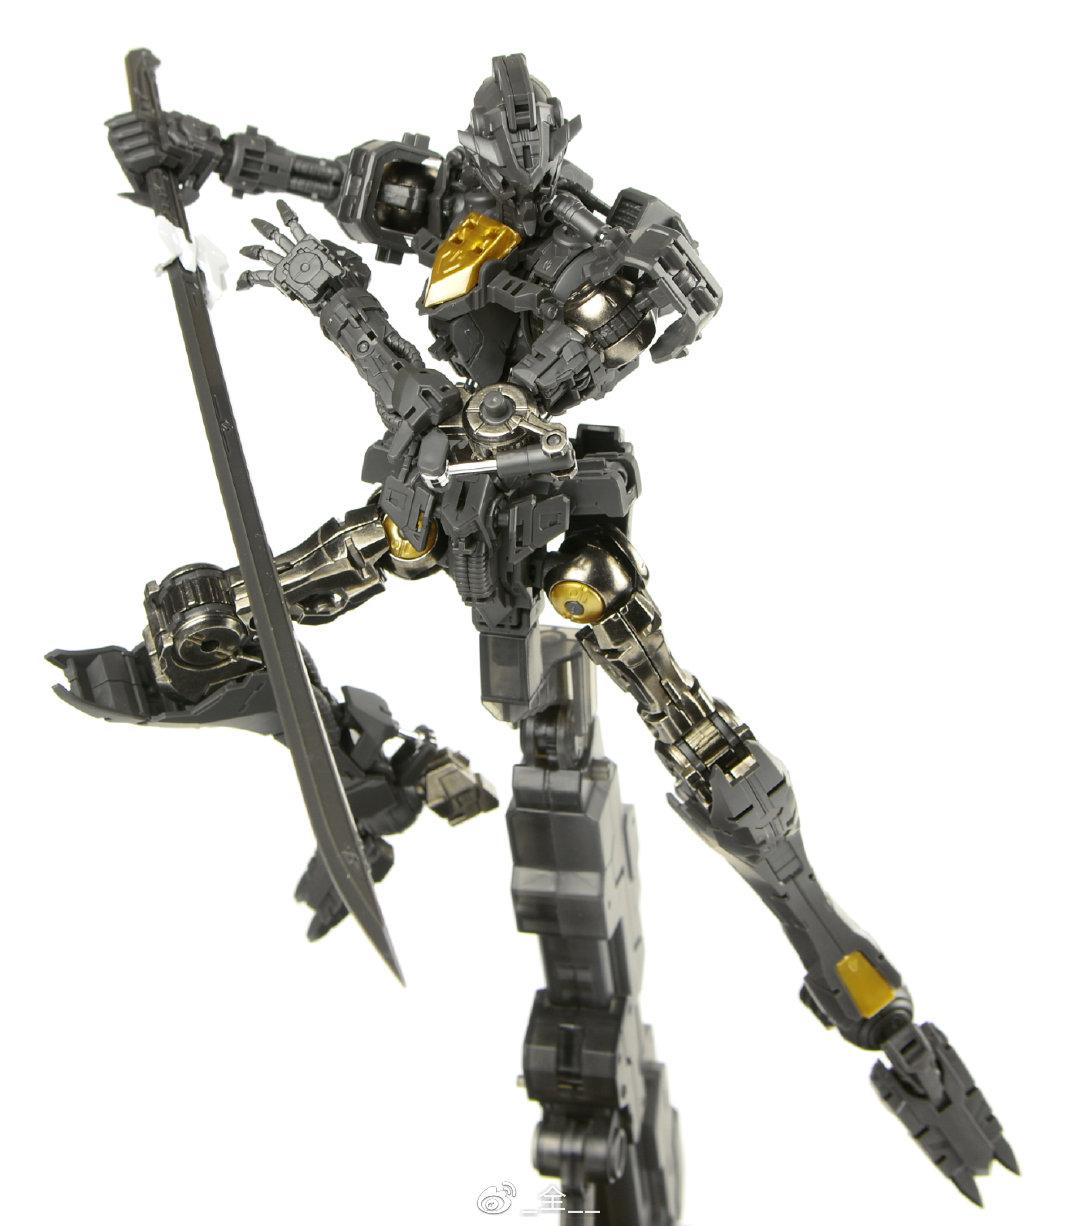 M103_mg_barbatos_metal_frame_parts_set_009_046.jpg